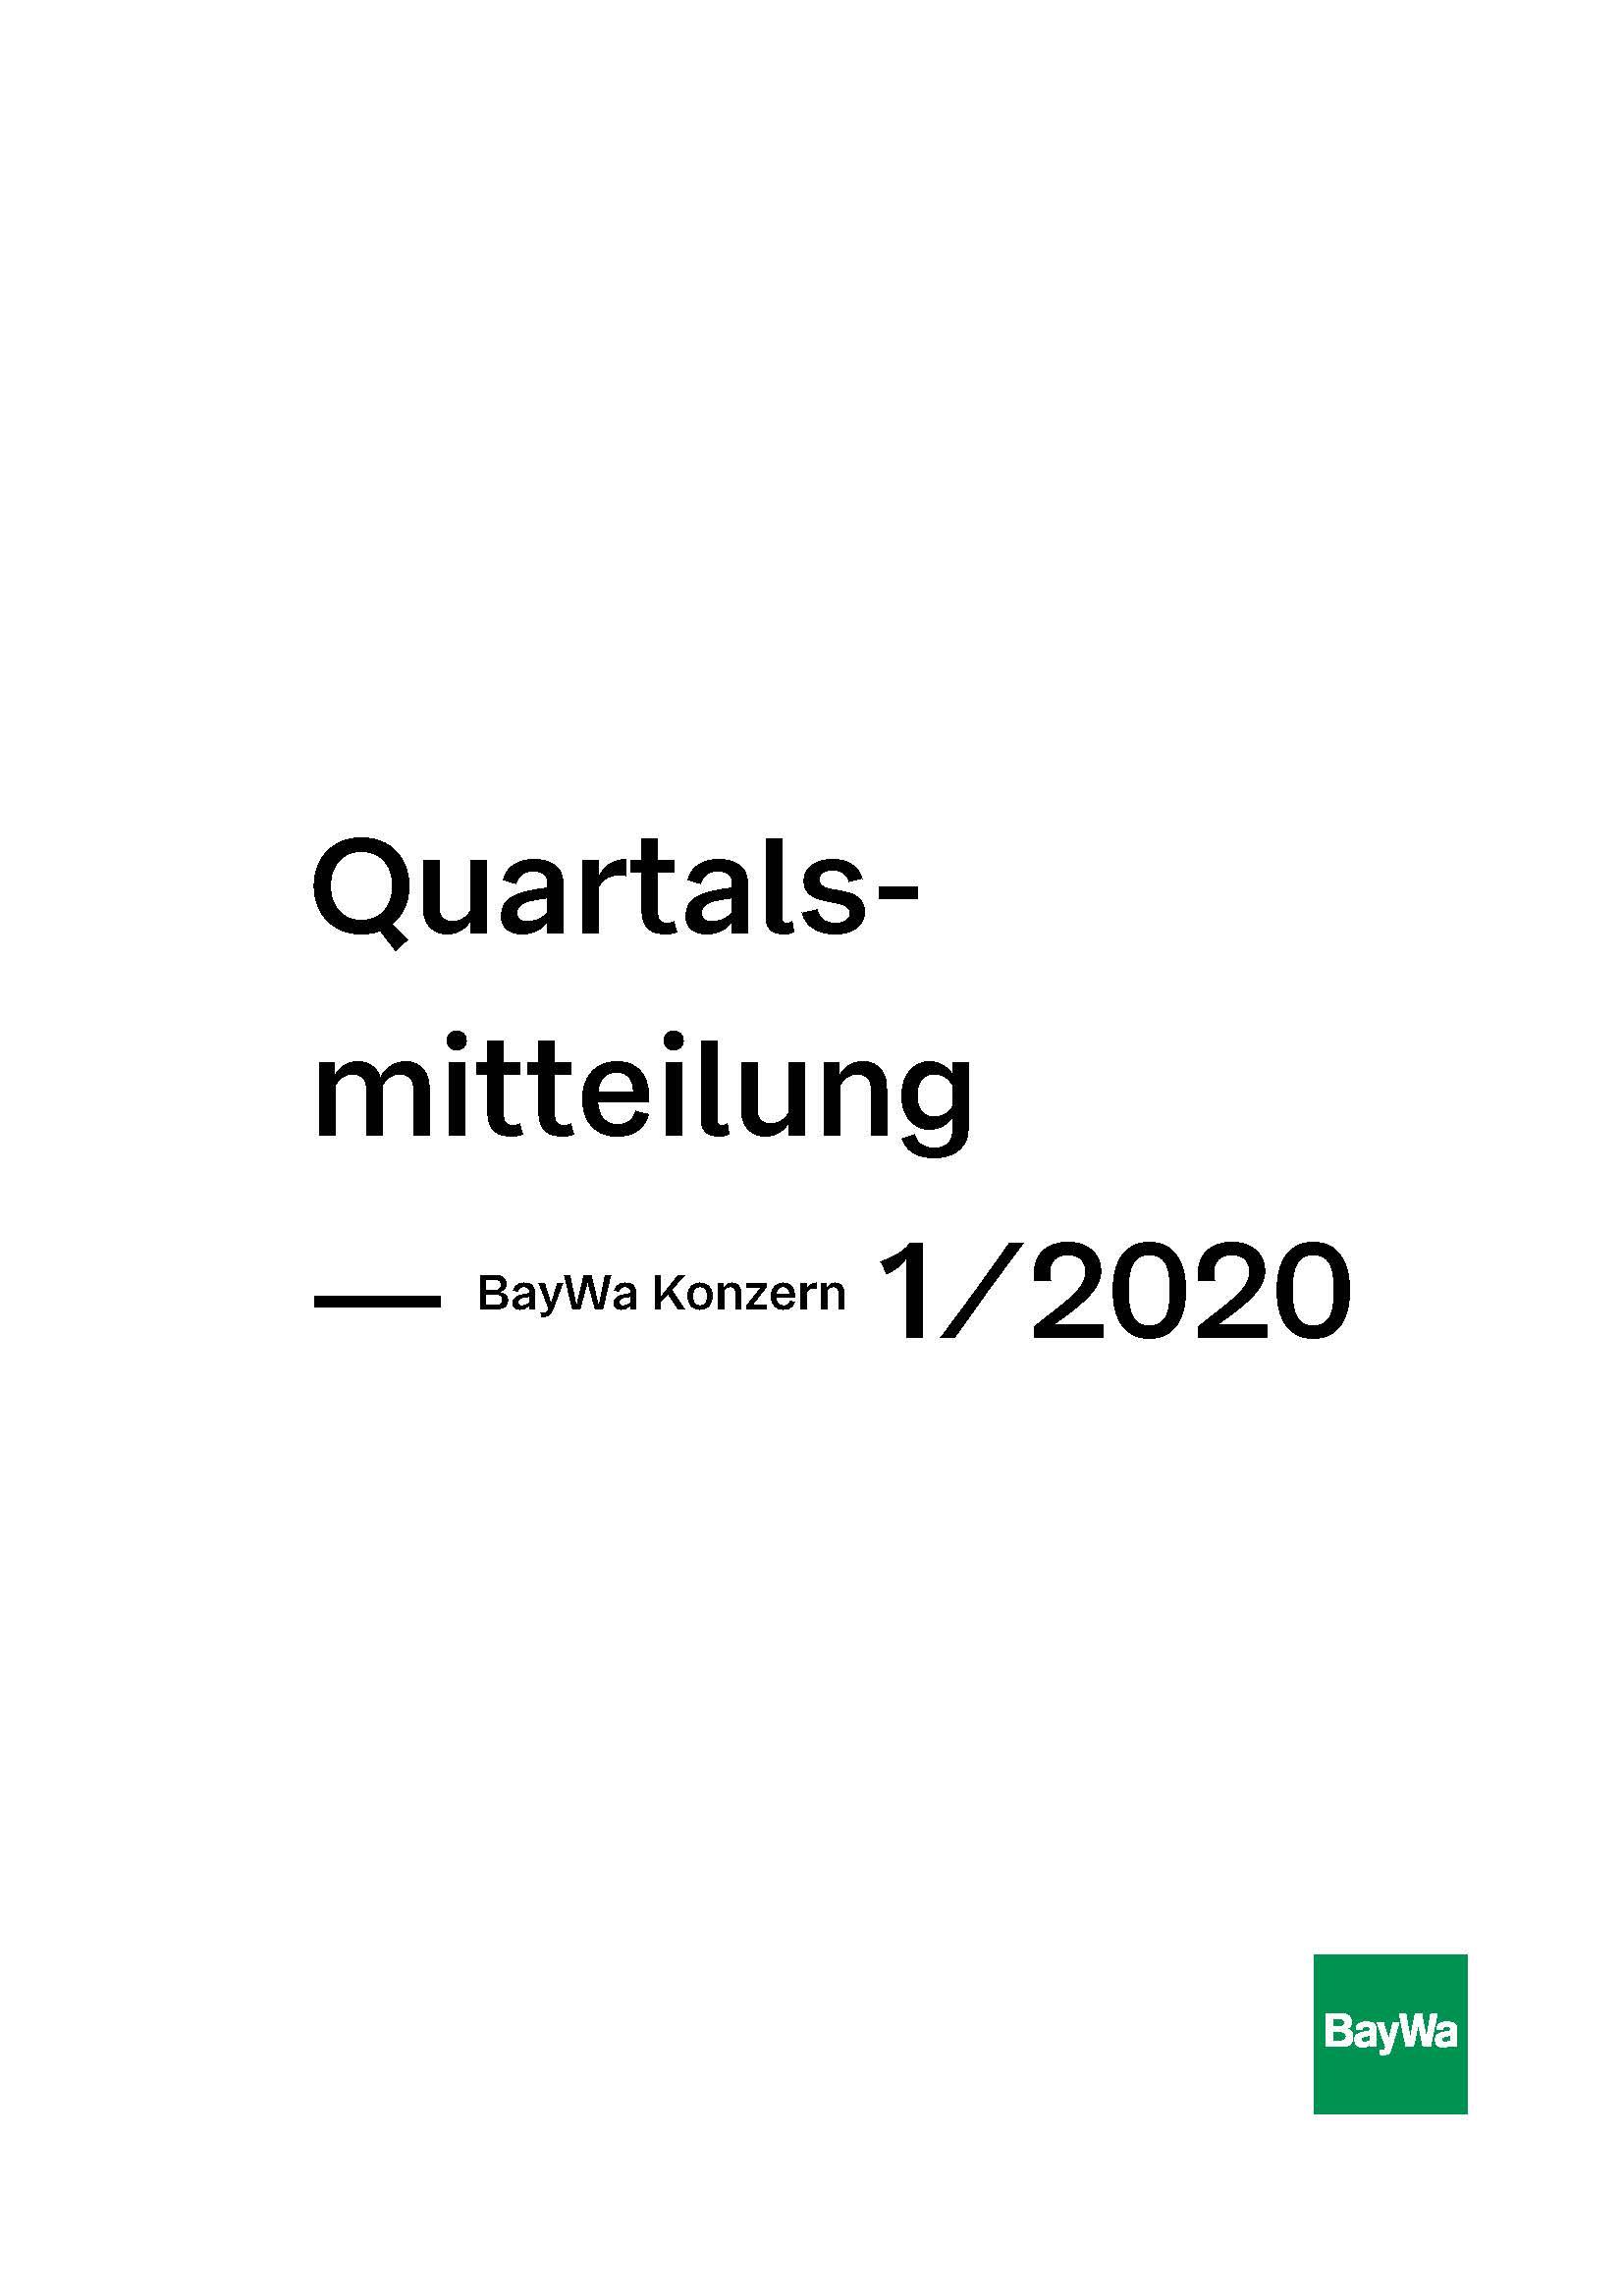 Quartalsmitteilung Q1 2020